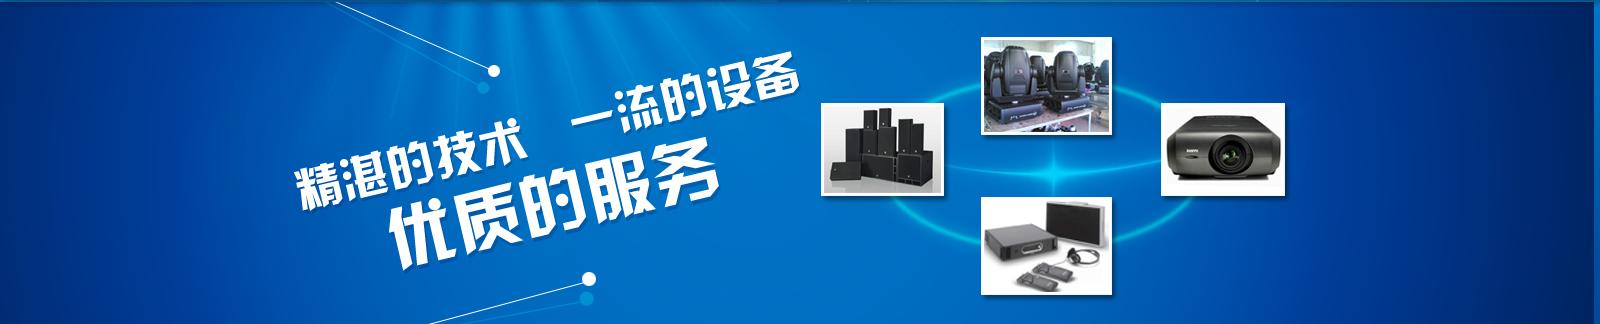 亚洲城备用网址,www.yzc88.cc,ca88亚洲城娱乐最新备用网址下载_广州LED租赁